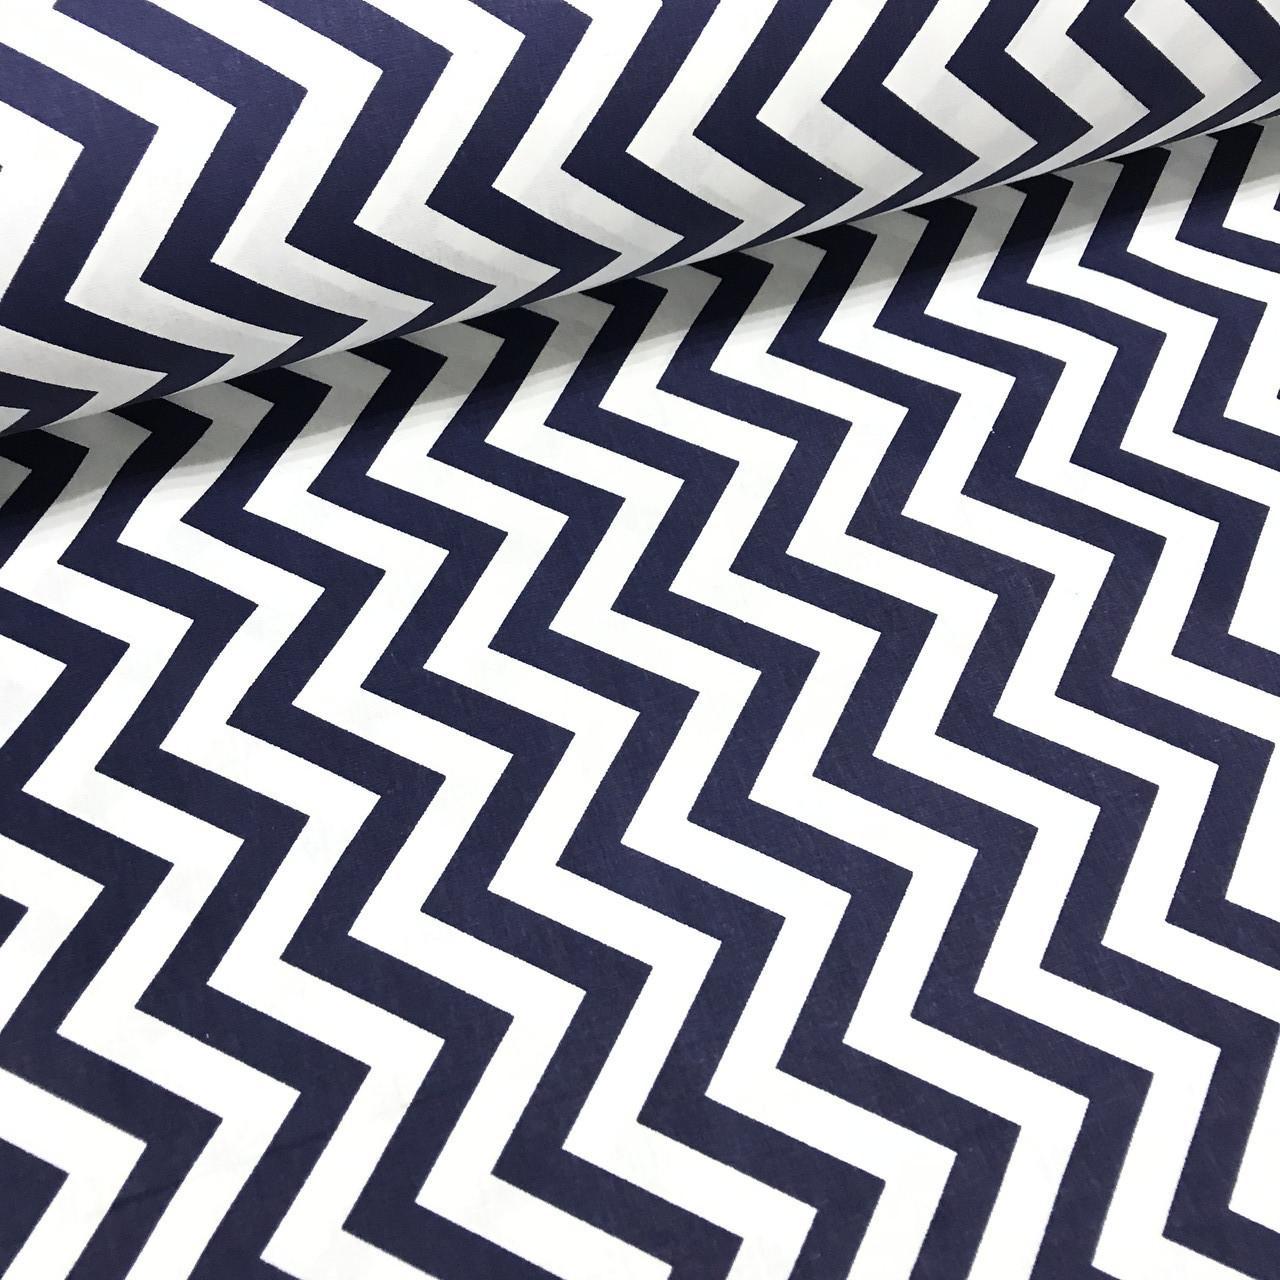 Ткань поплин зигзаг мелкий редкий темно-синий  (ТУРЦИЯ шир. 2,4 м)